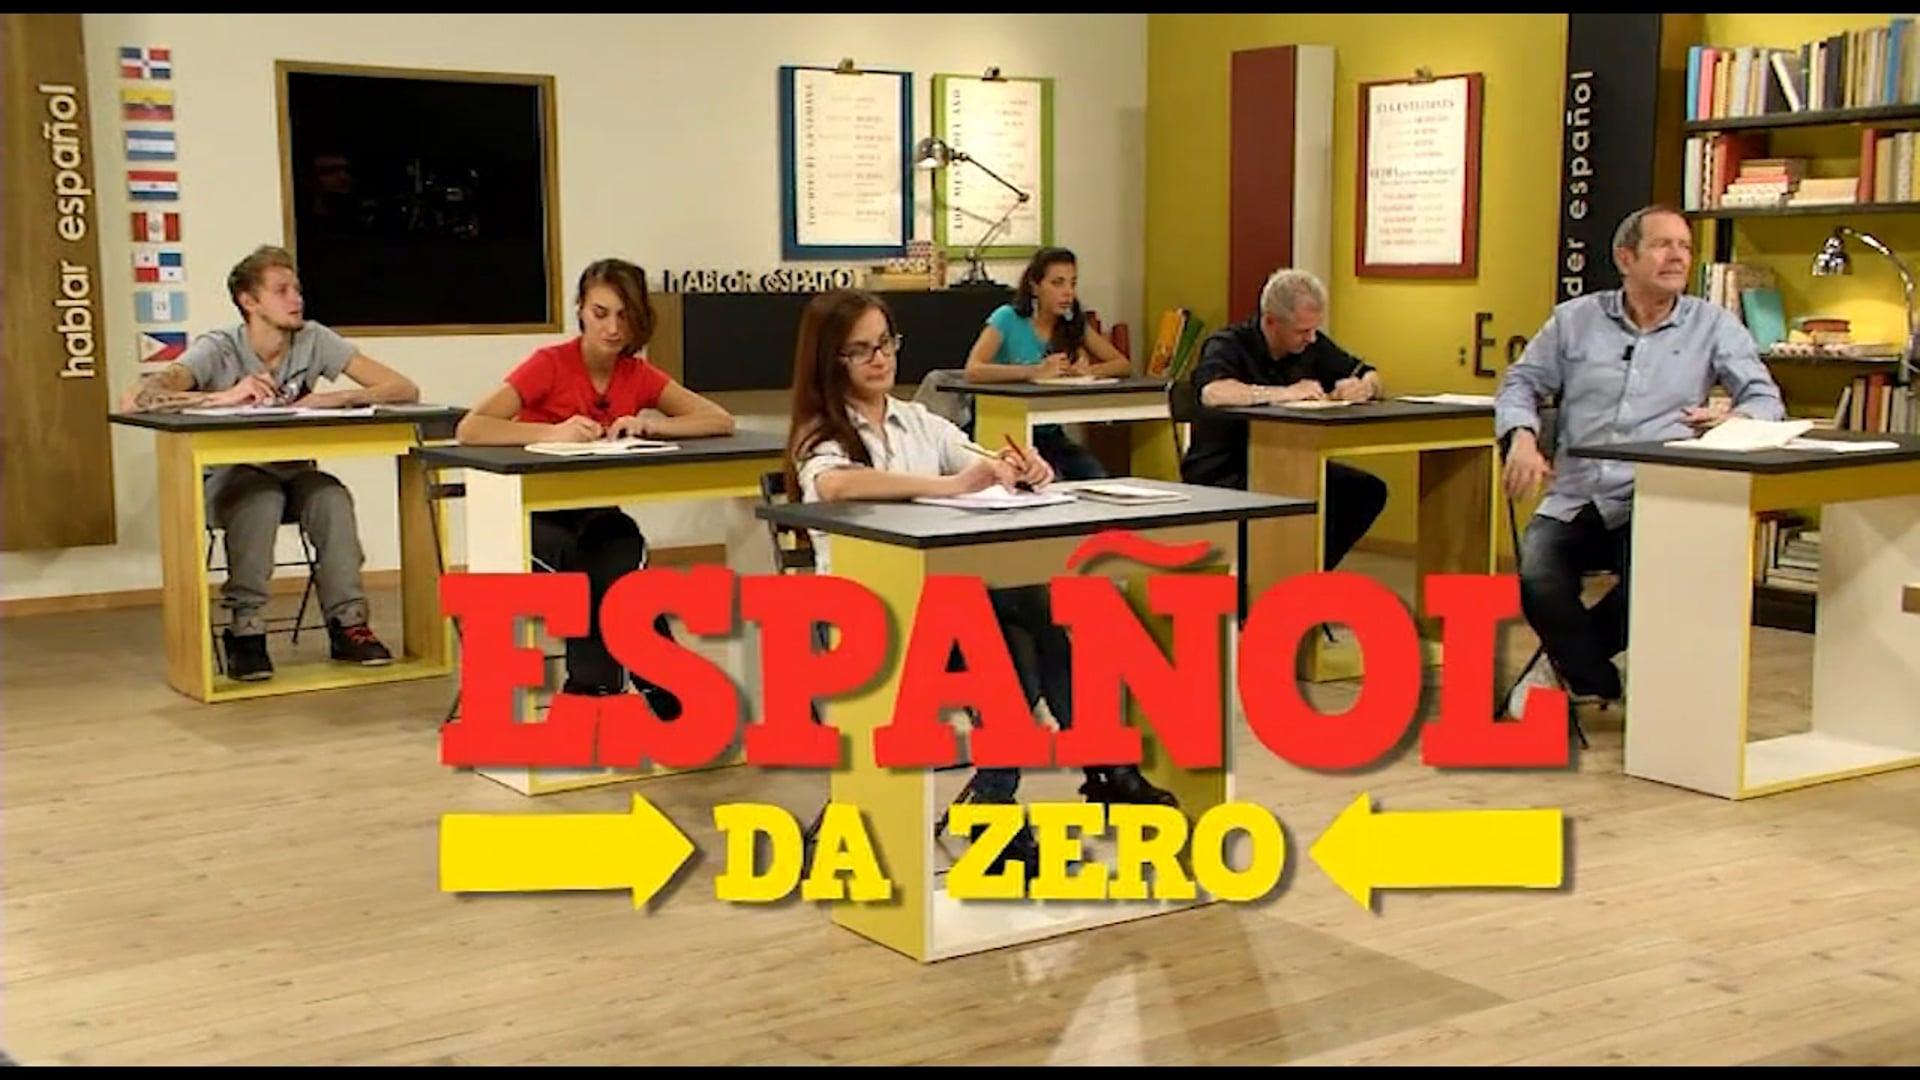 ESPAÑOL DA ZERO SIGLA